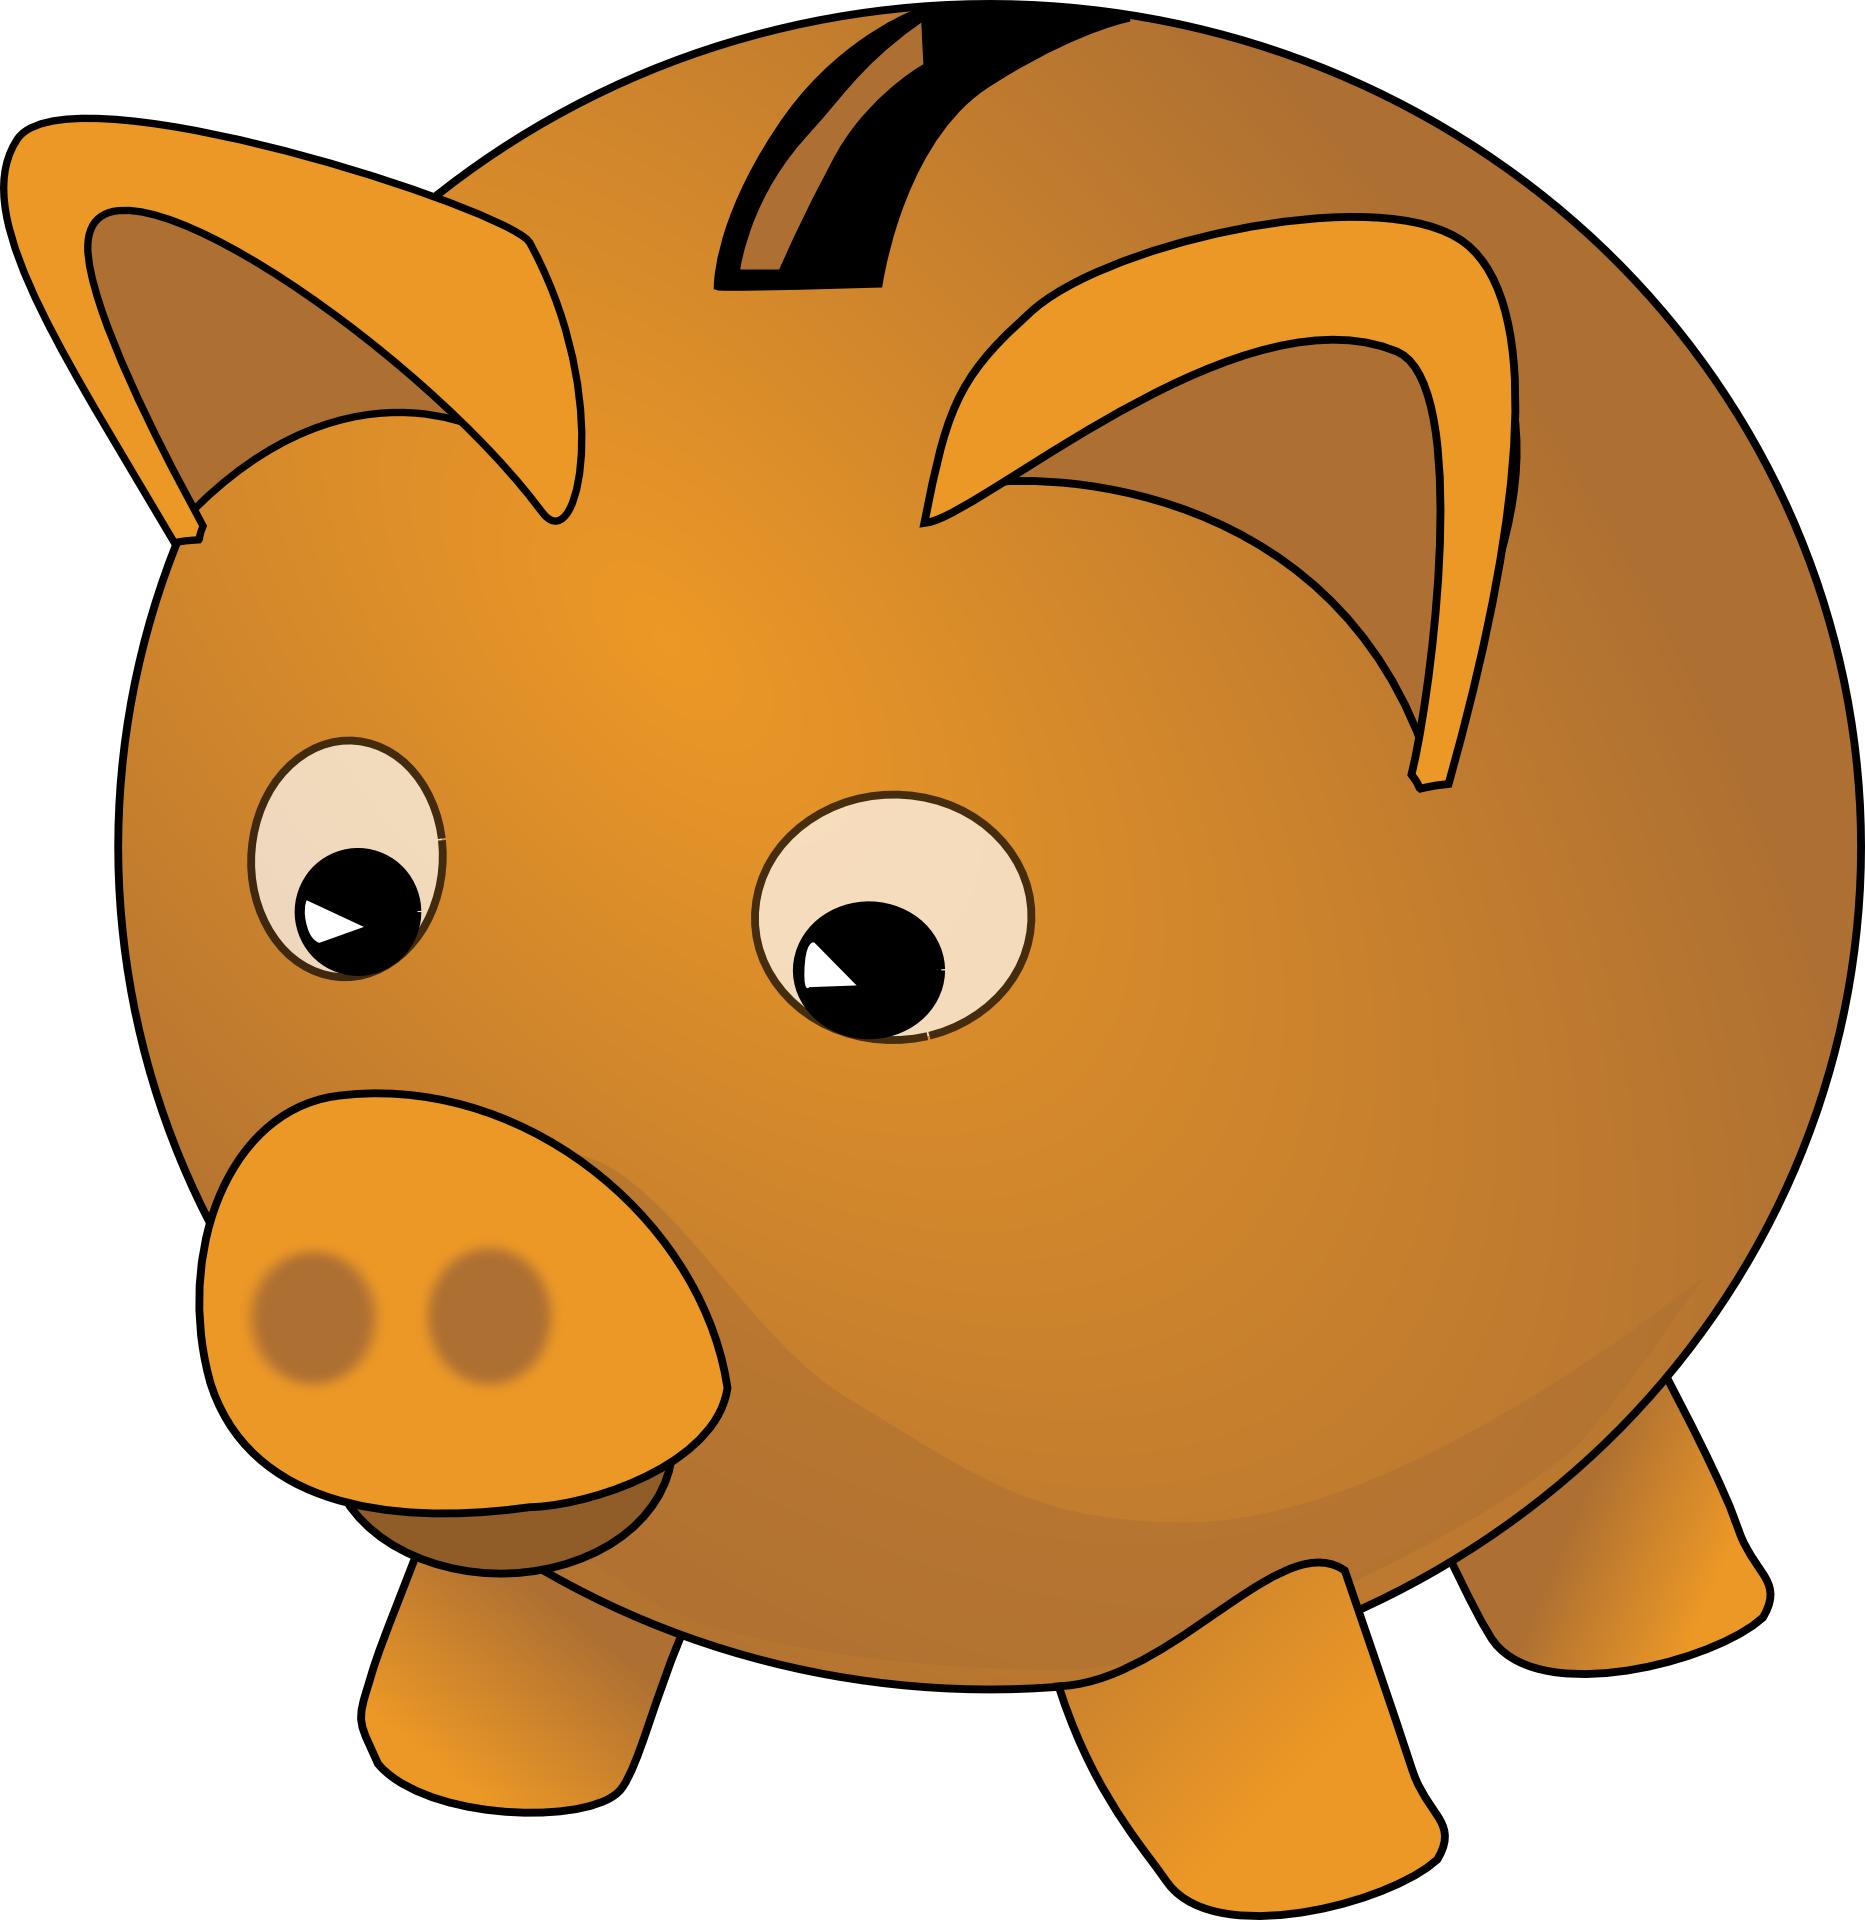 Brown piggy bank for children-cartoon vector